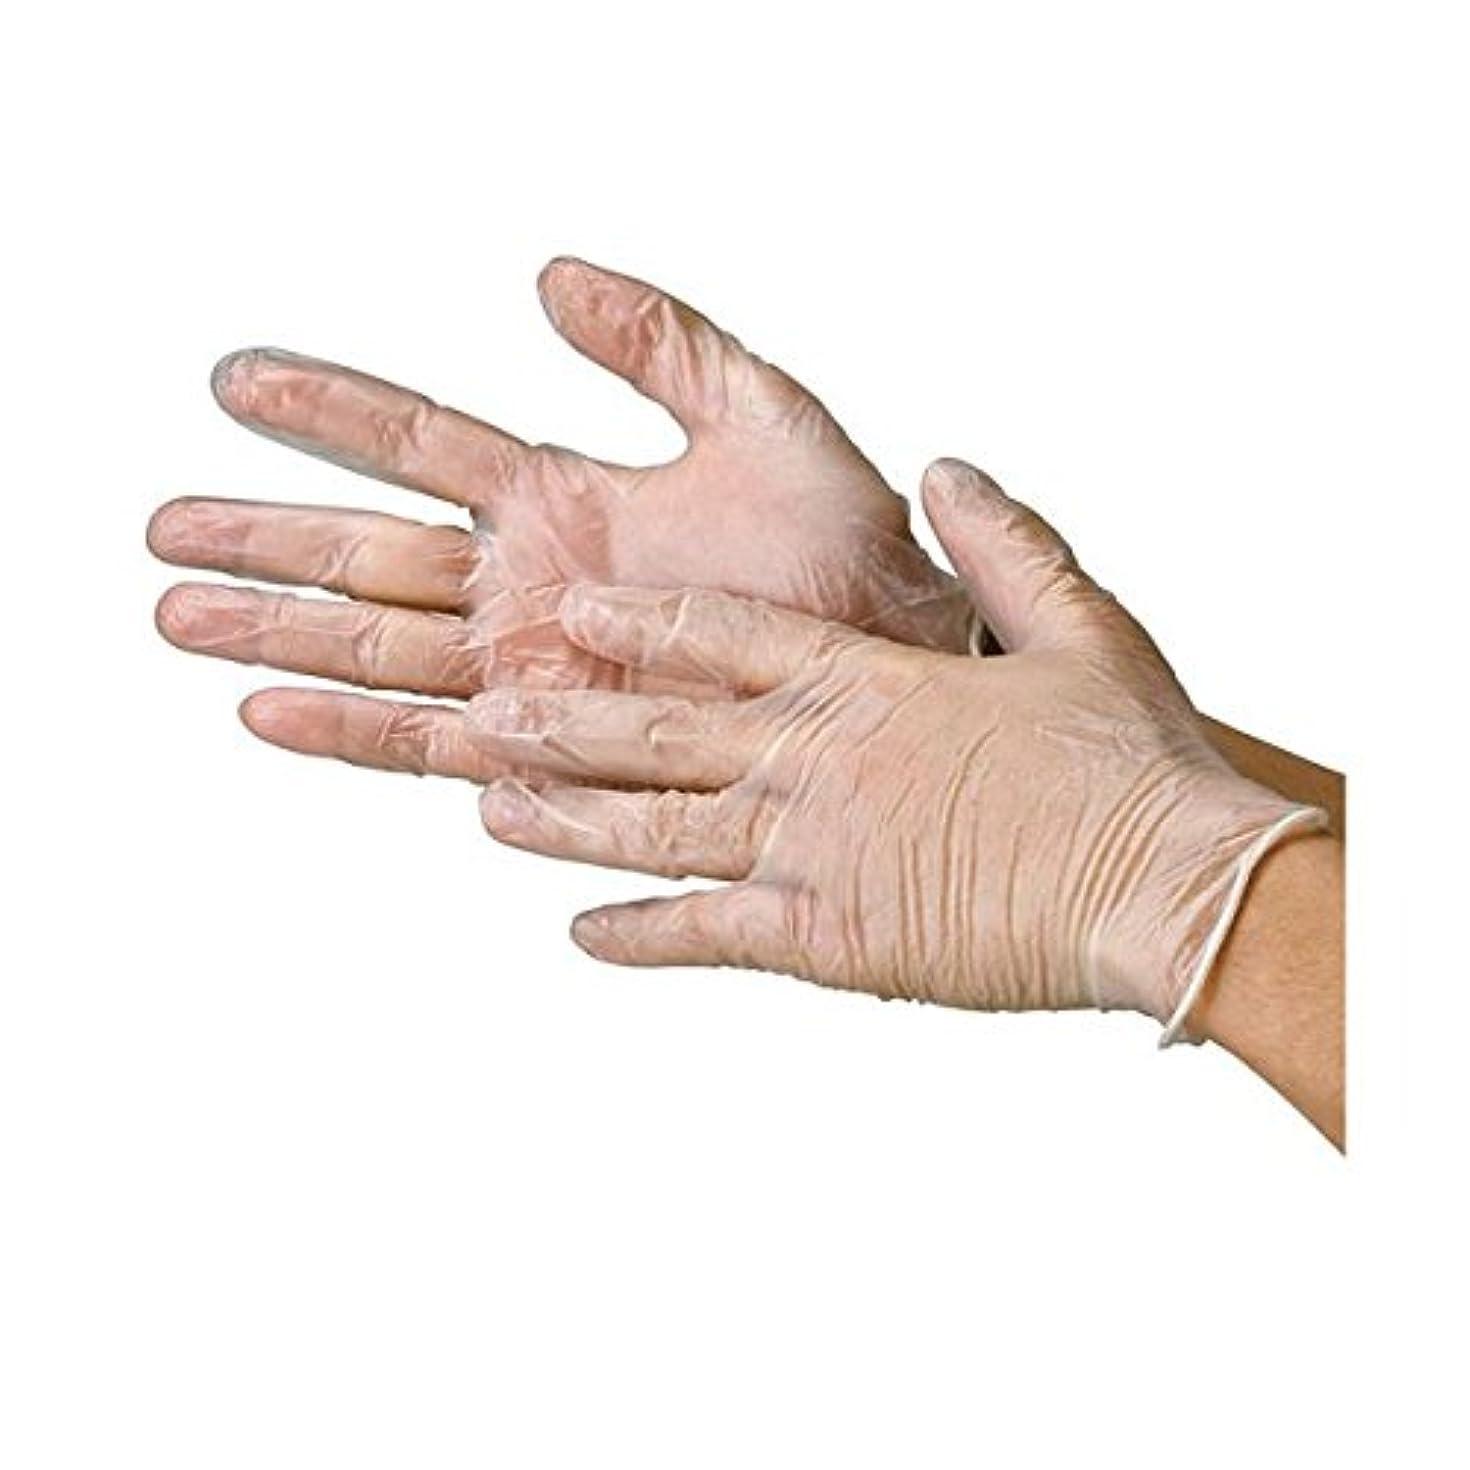 誘うバリケード見えない川西工業 ビニール極薄手袋 粉なし S 20箱 ds-1915776